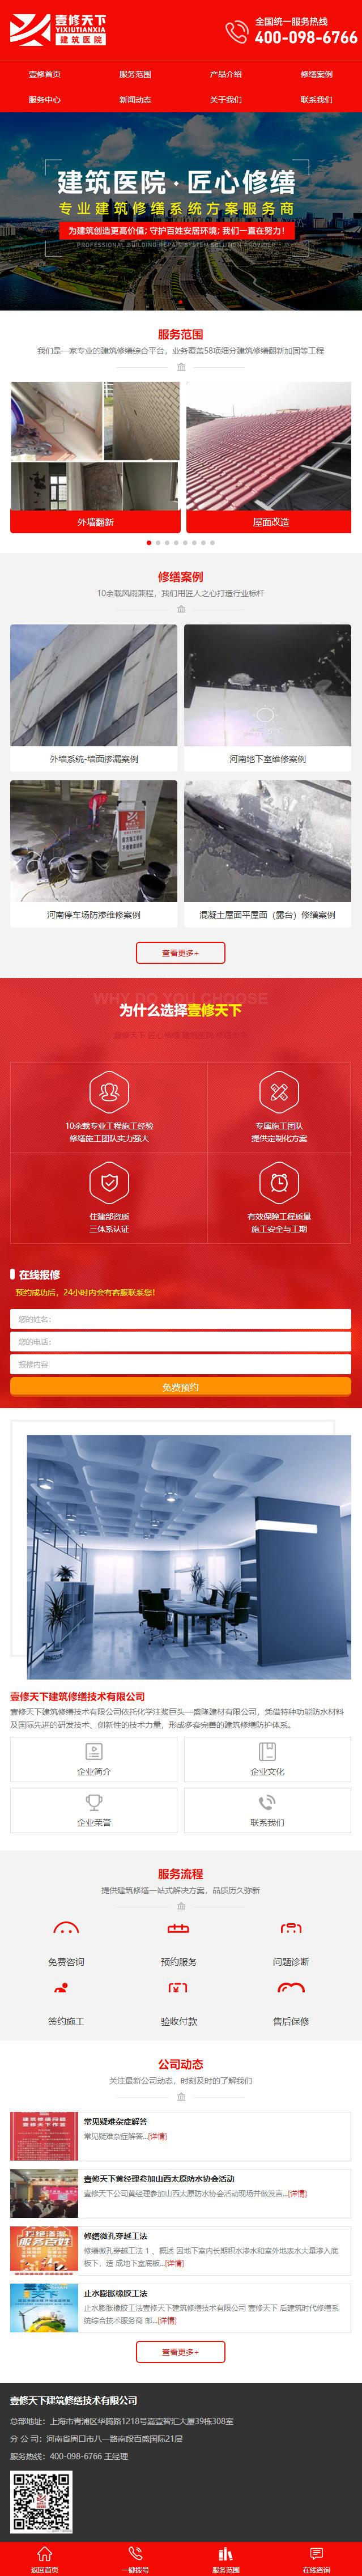 建筑修缮类网站手机页面展示